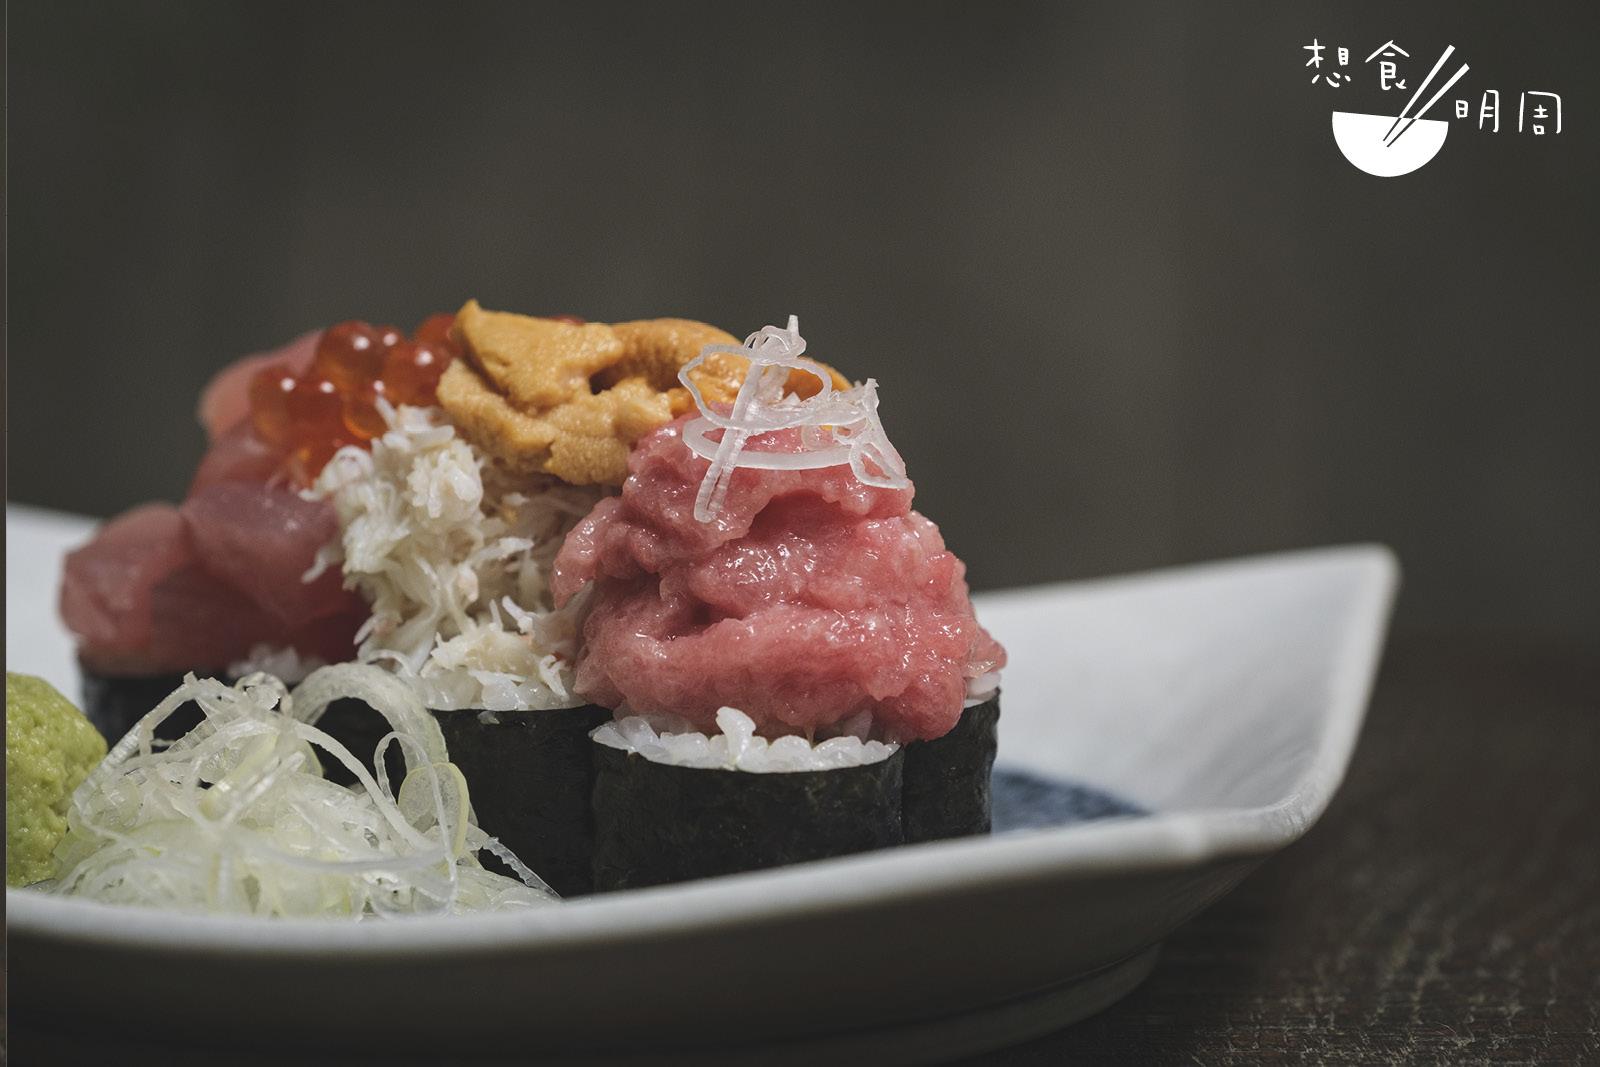 把吞拿魚切角或剁碎成魚蓉配蔥享用,都是江戶時代居酒屋常的菜式。(滿足壽司,$158)